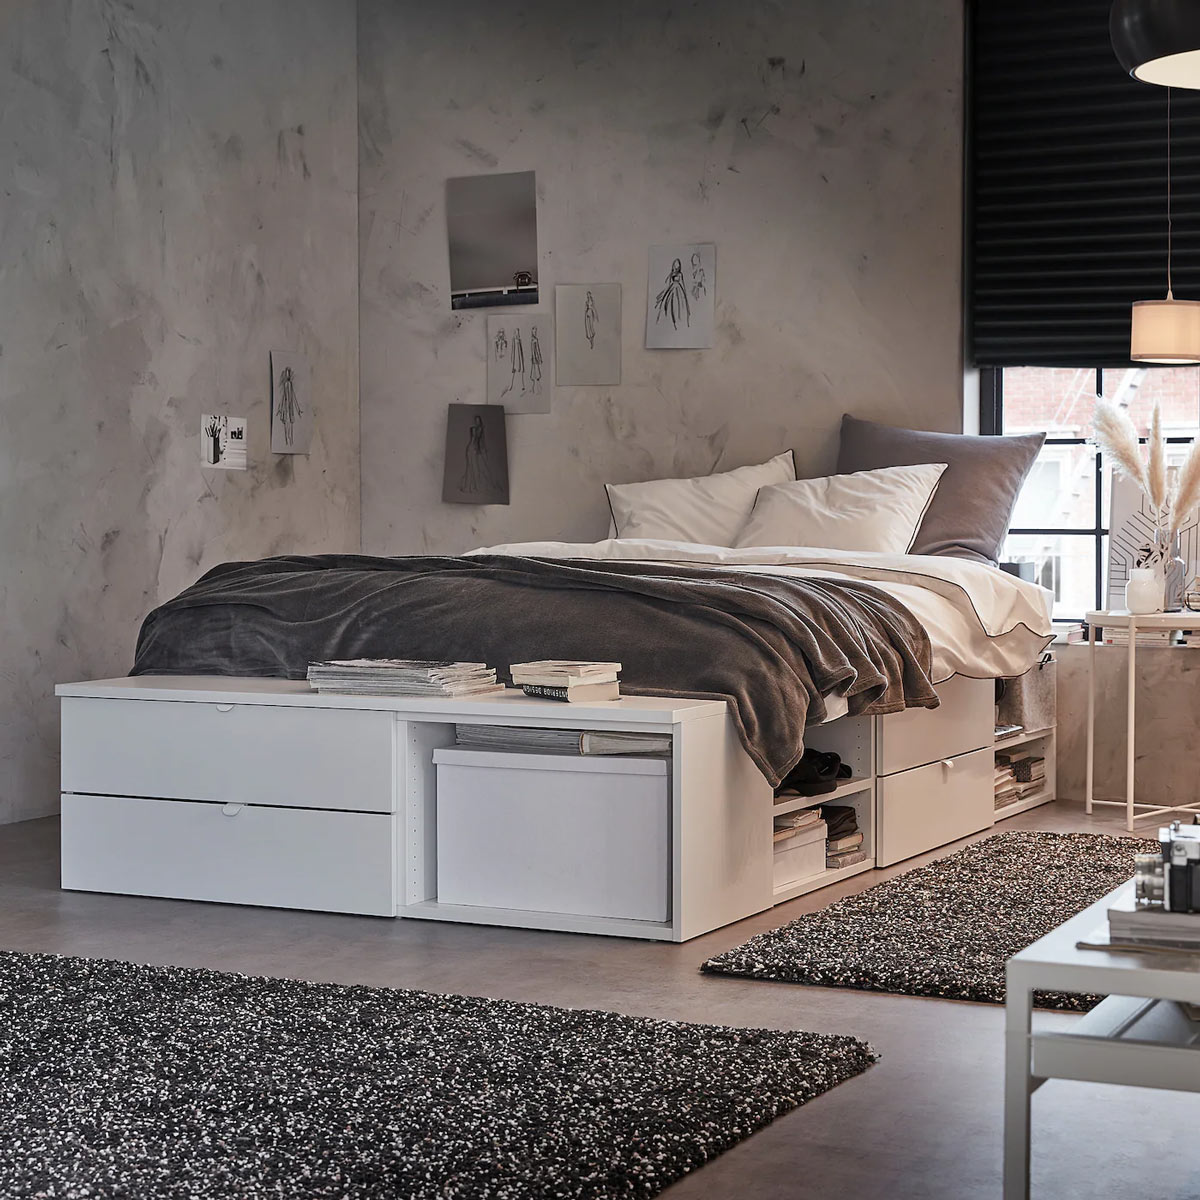 Lits doubles et cadres de lit IKEA.